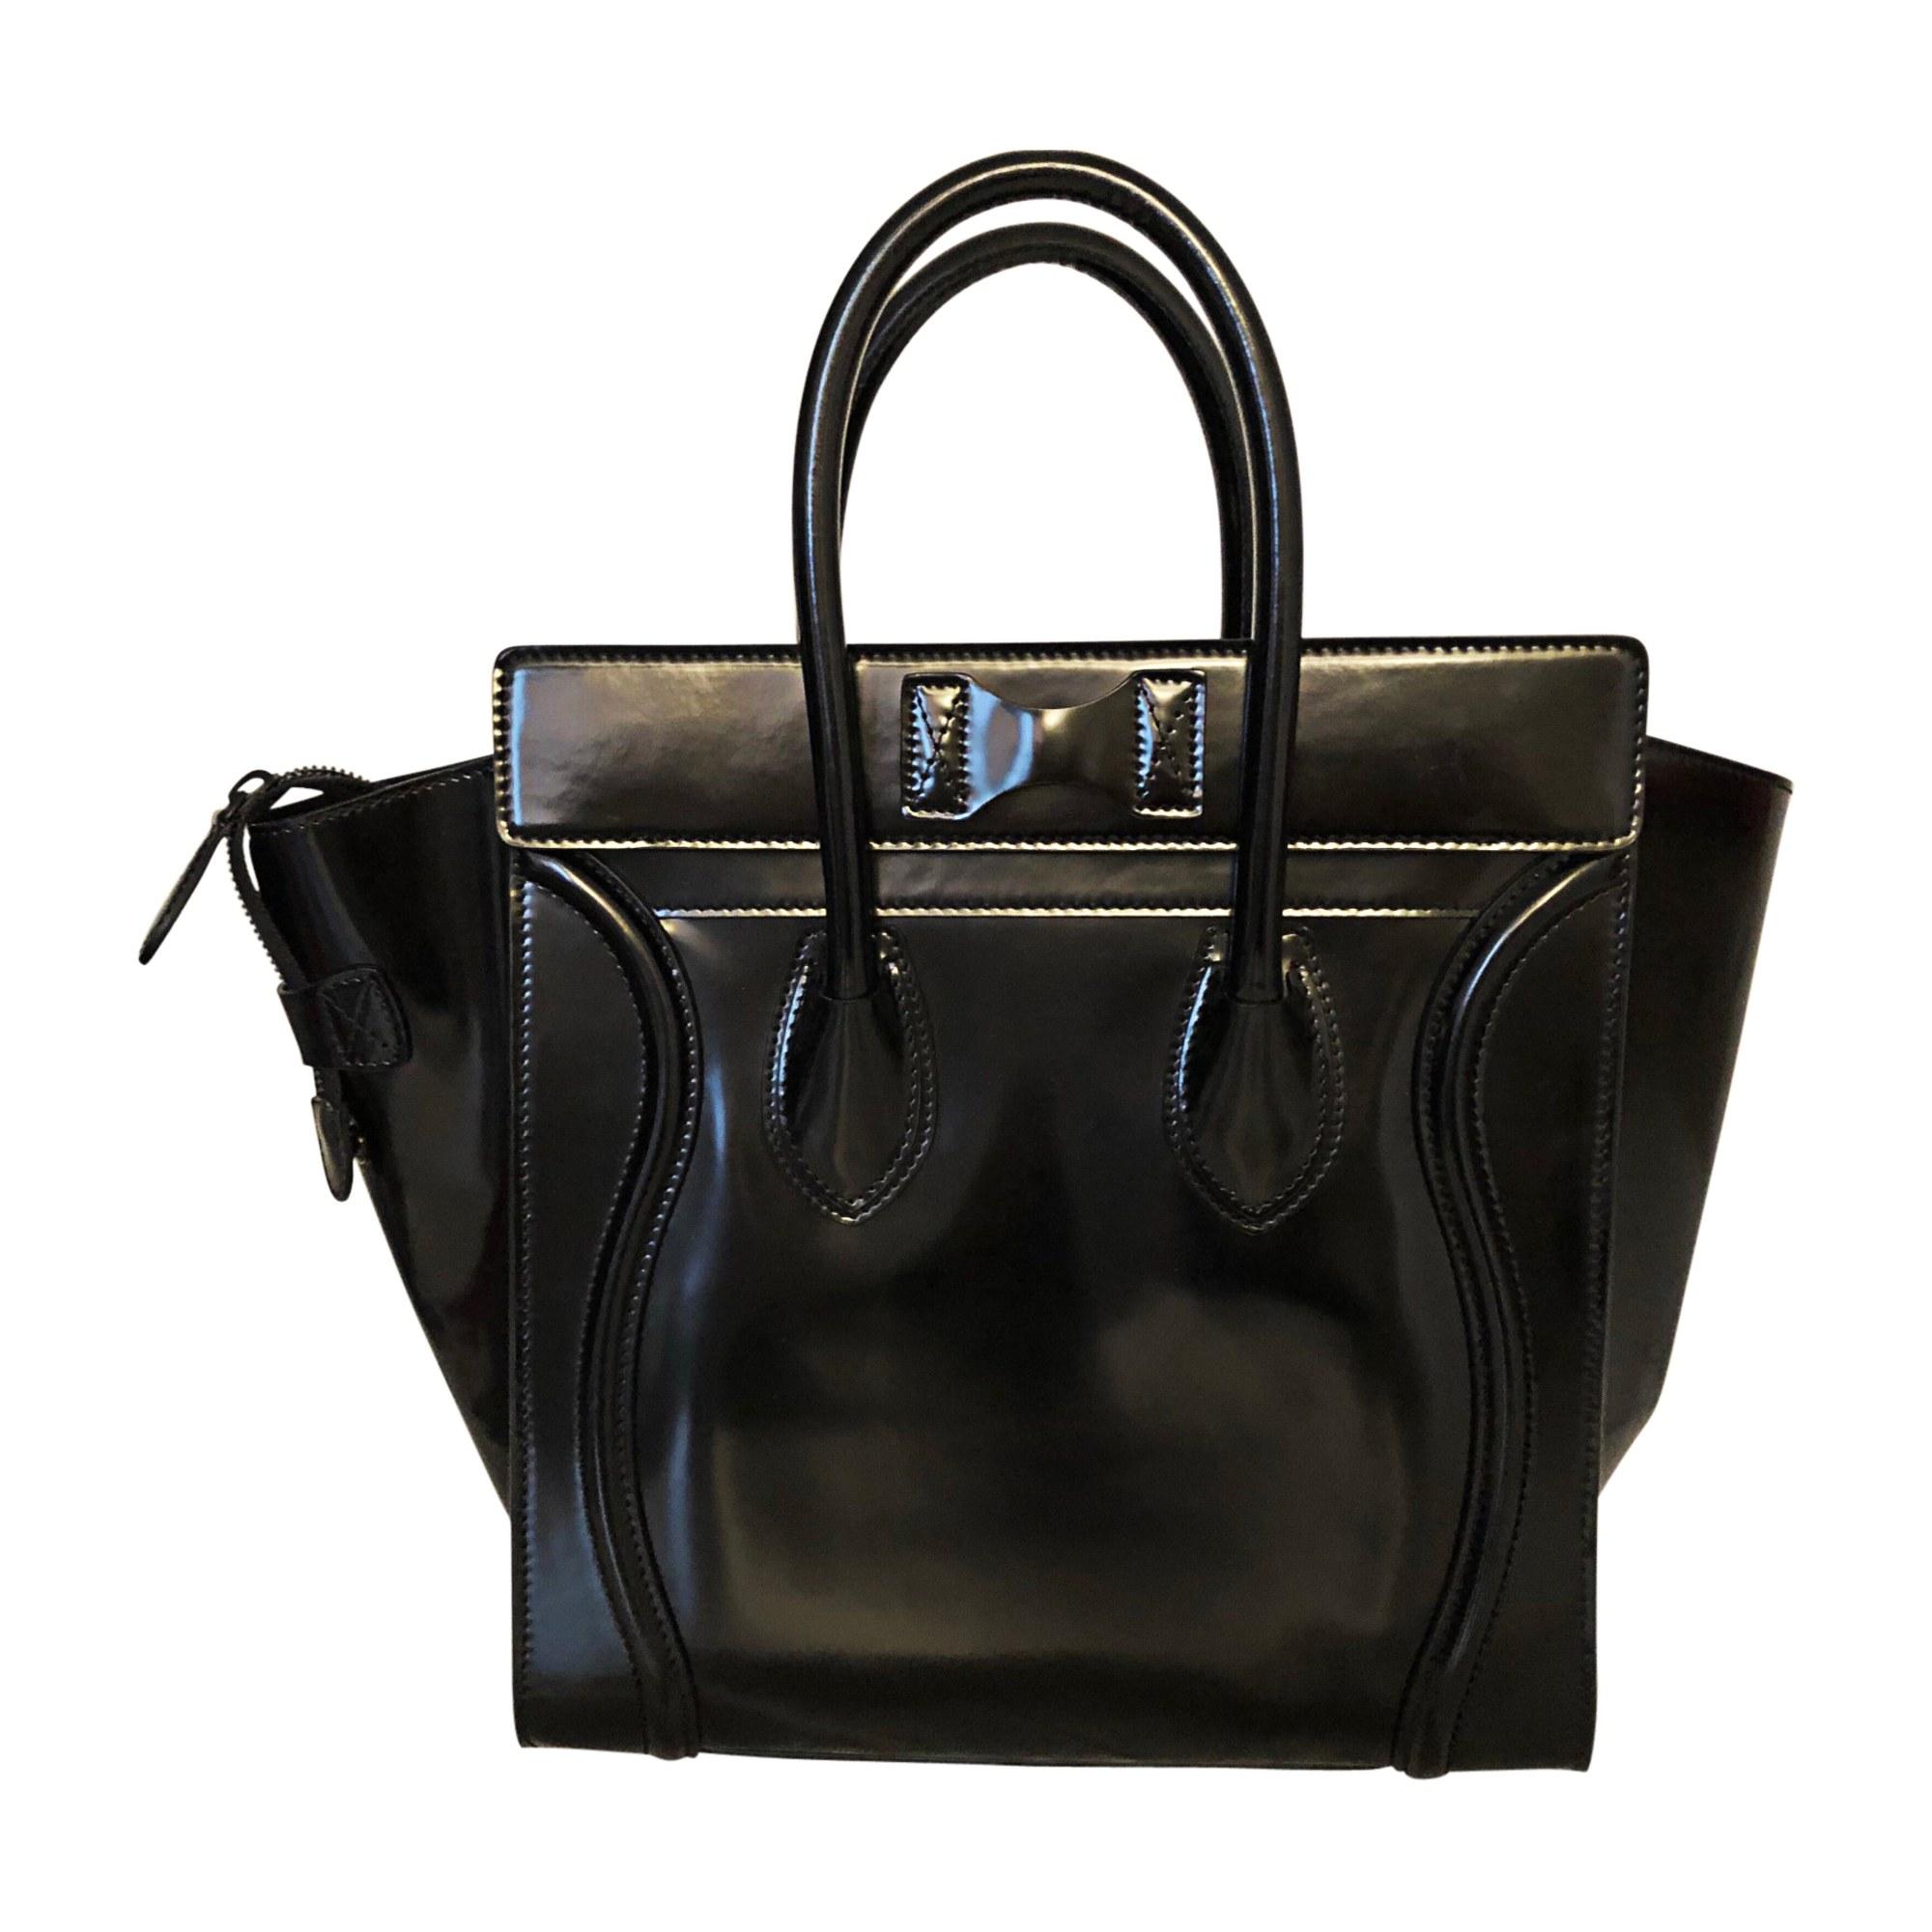 Sac à main en cuir CÉLINE Luggage Noir